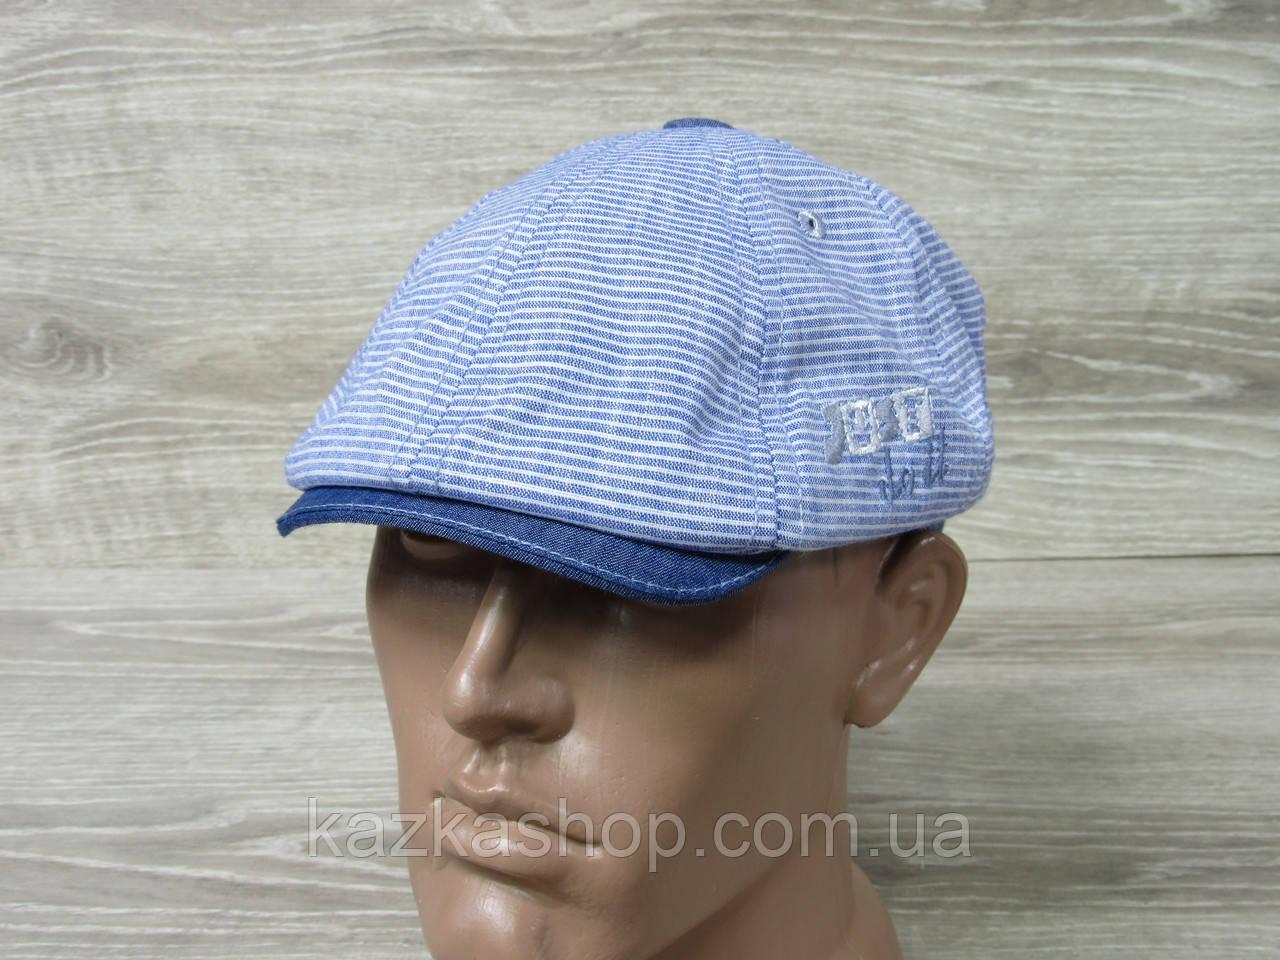 Подростковая, детская кепка хулиганка, голубого цвета, в полоску, сезон весна-лето, размеры 49-56 см